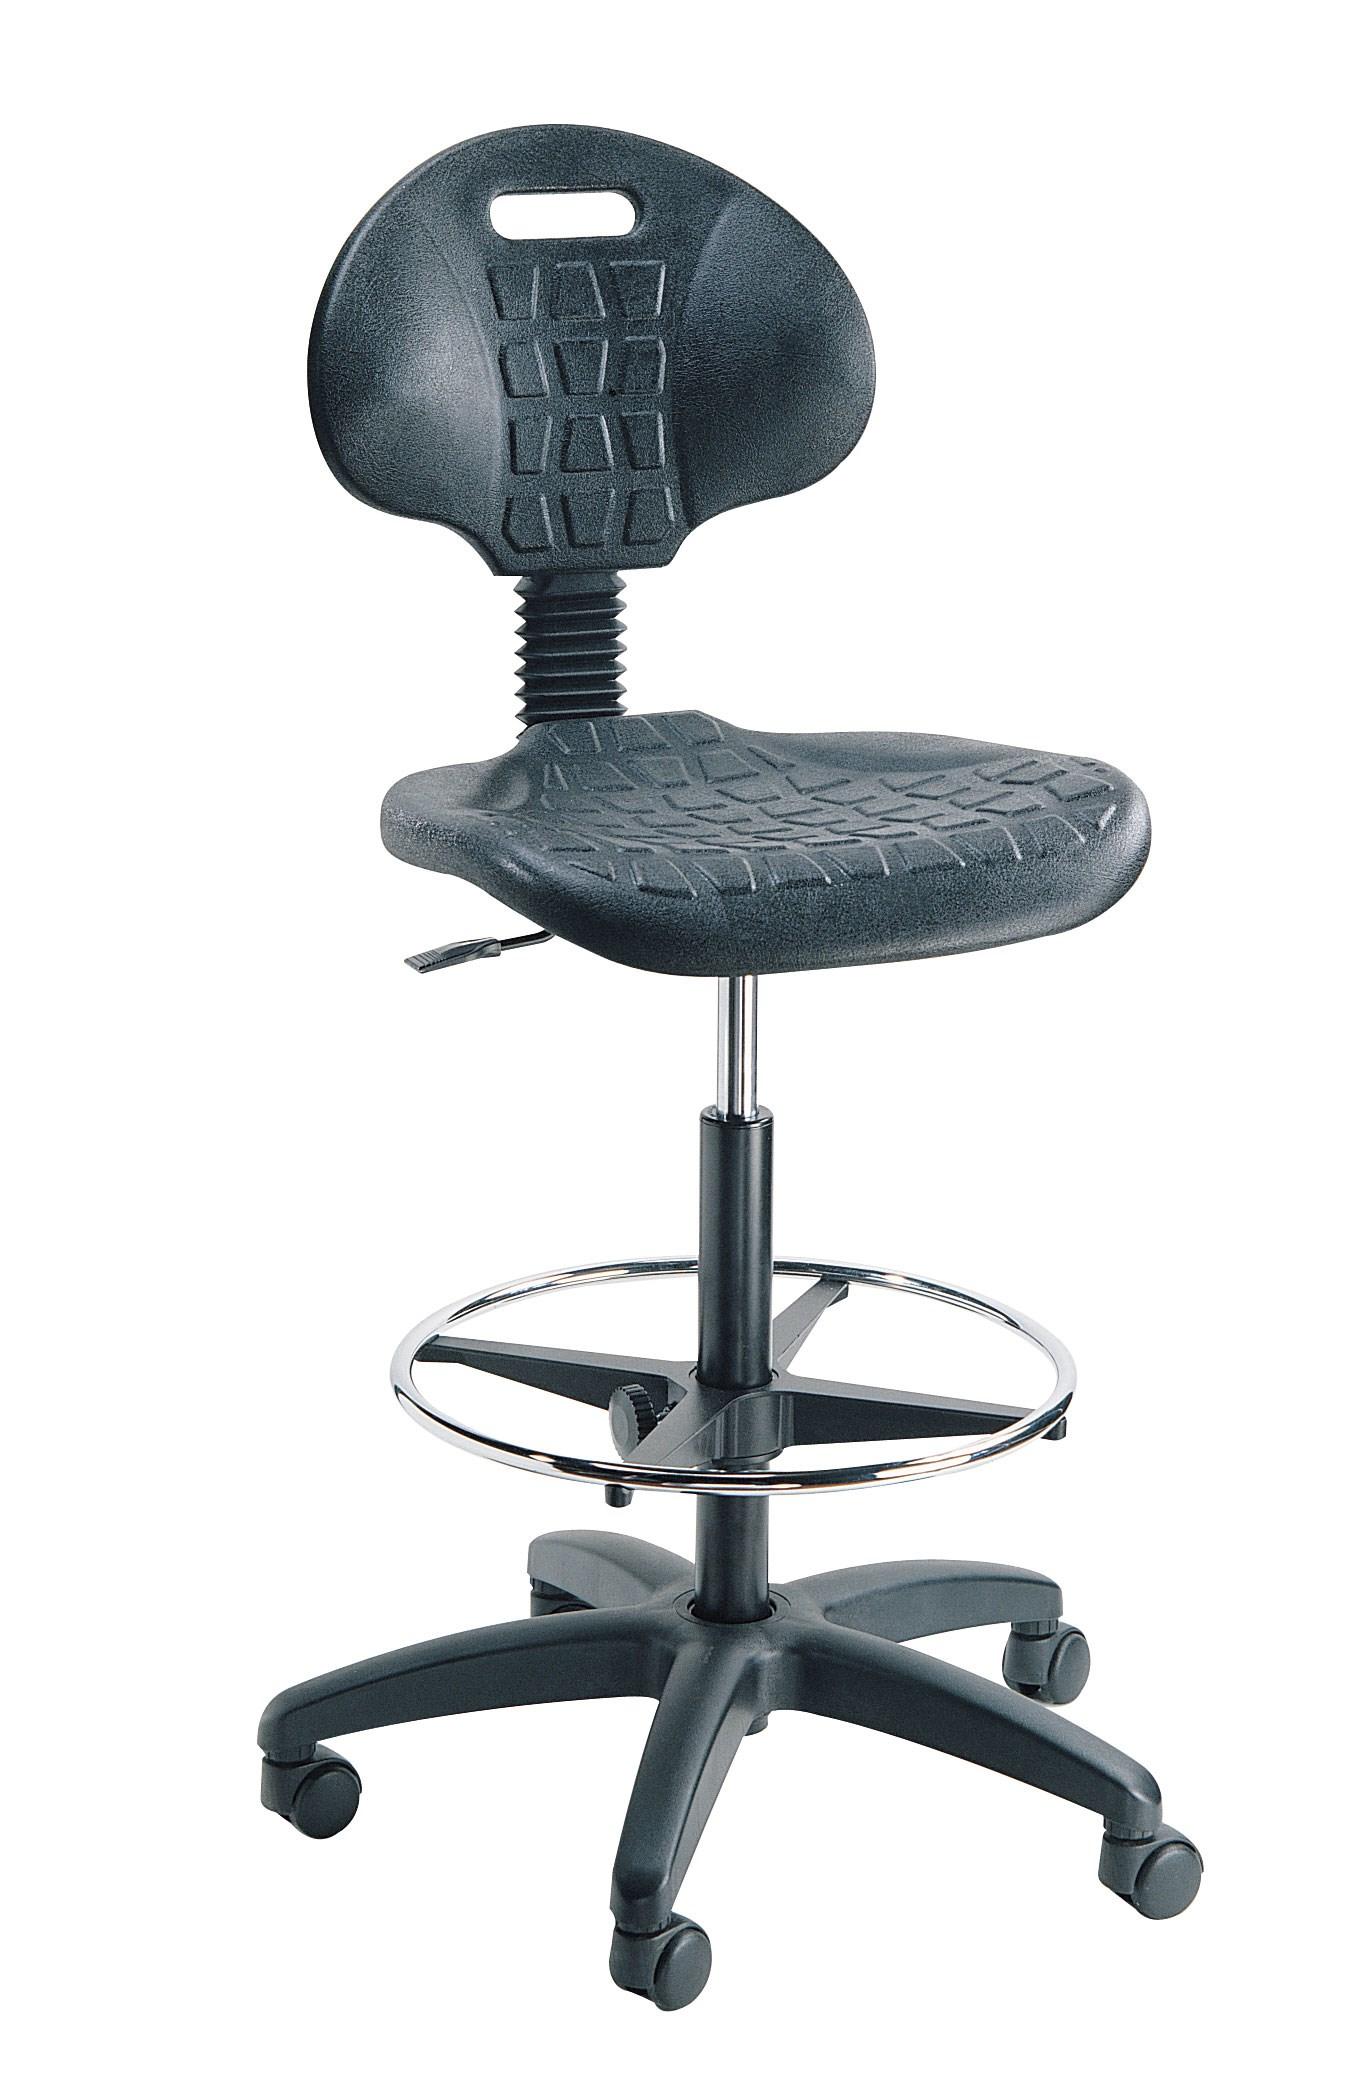 Siège ergonomique d'atelier sur roulettes modèle haut